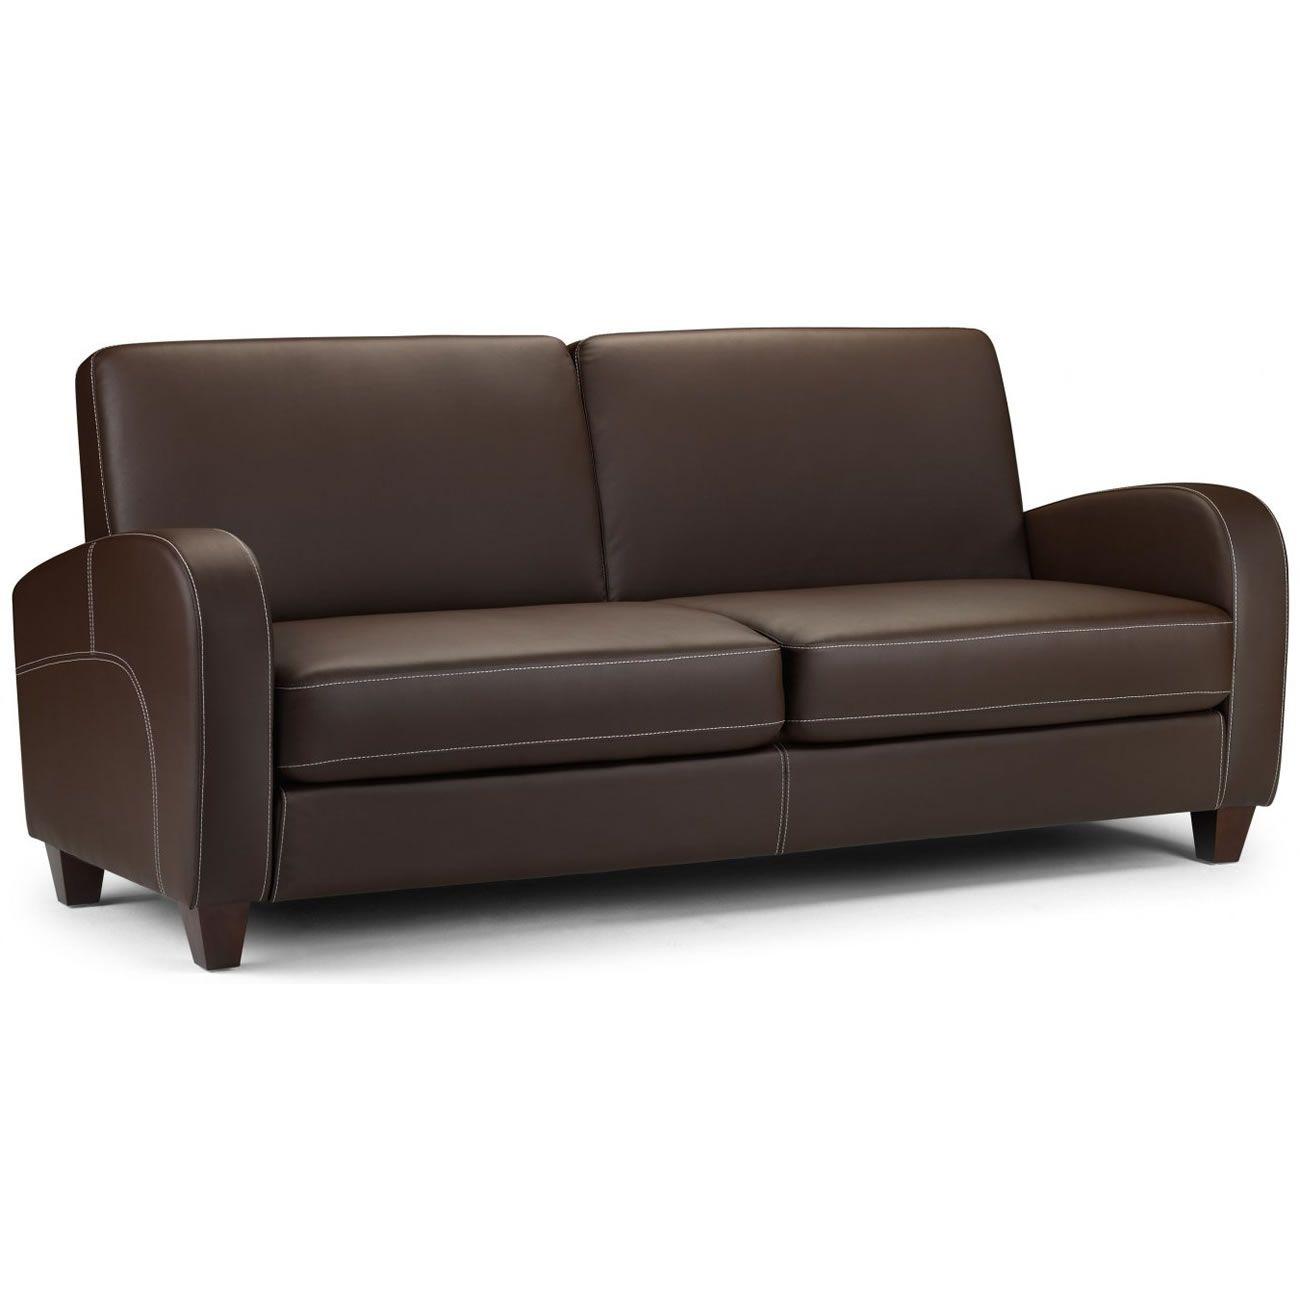 Vivo 3 Seater Leather Sofa Sofasworld